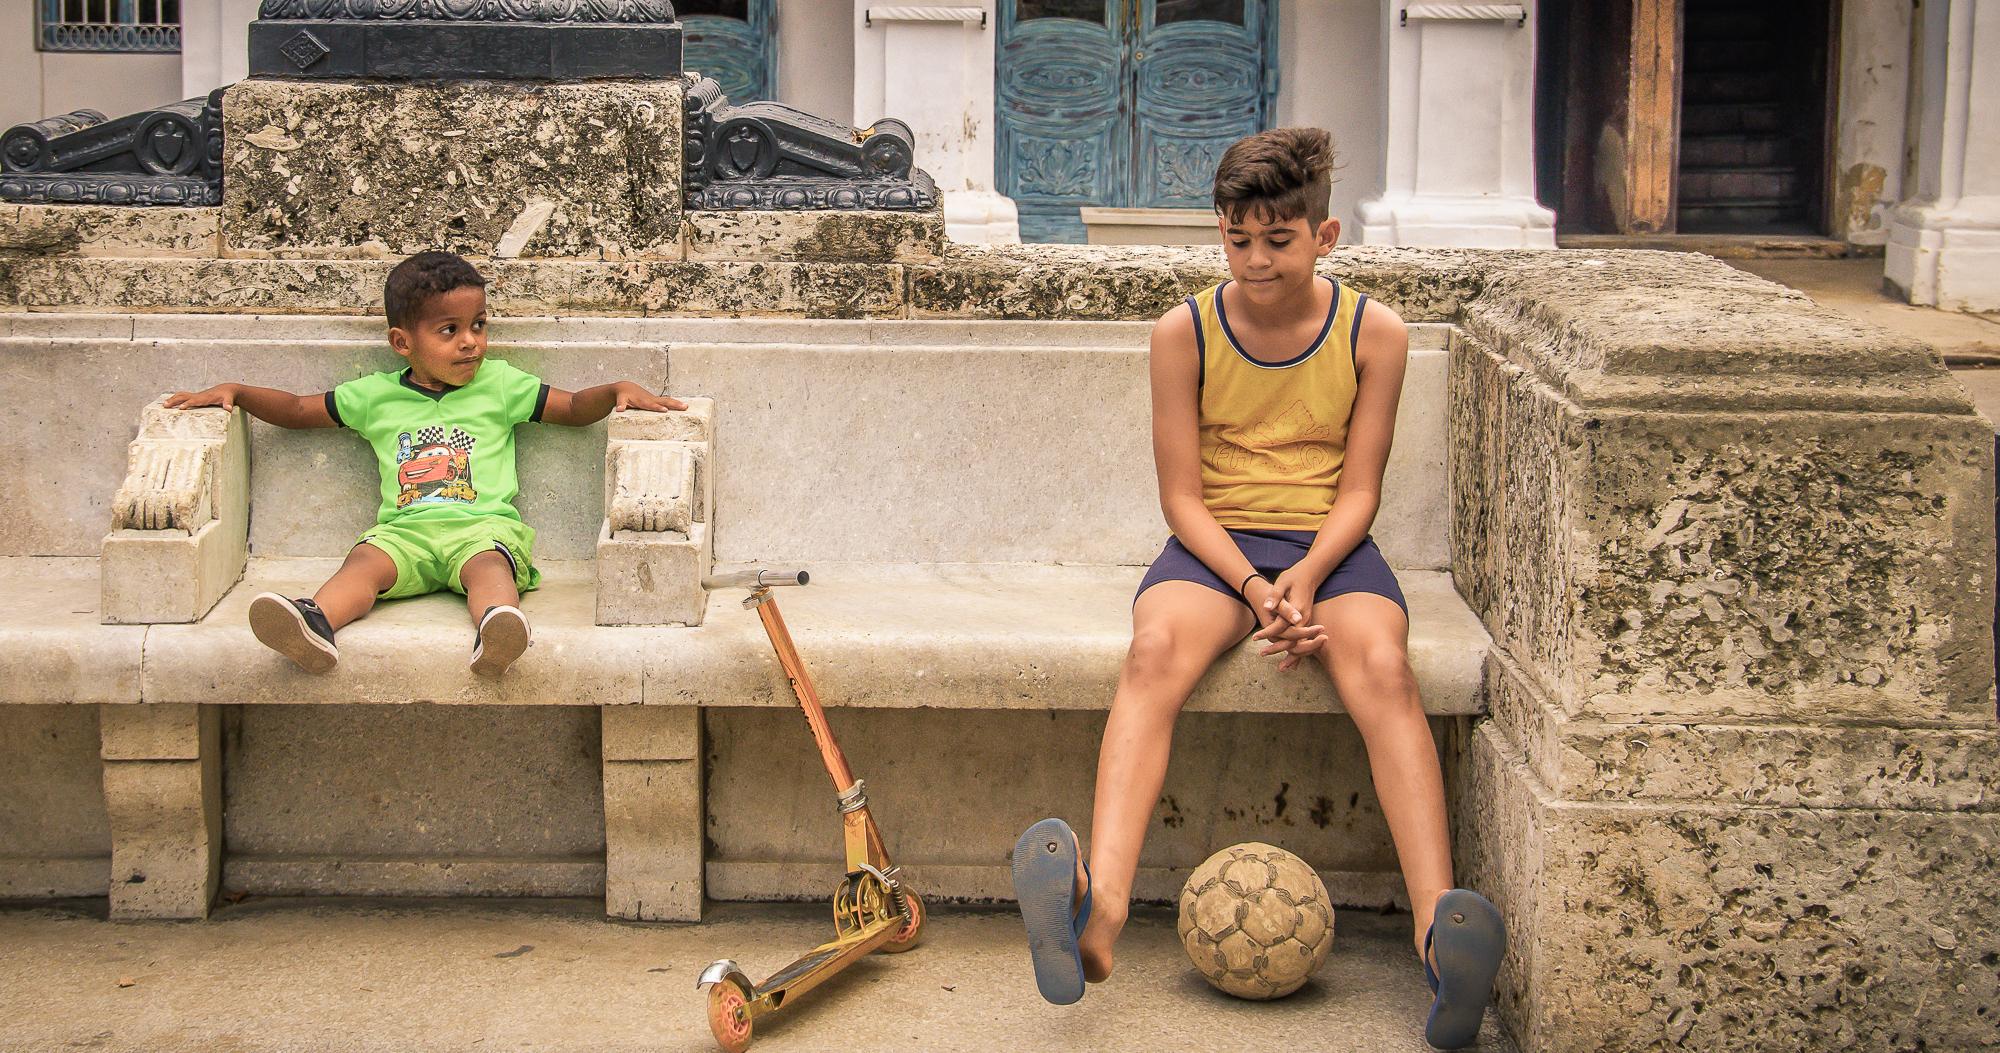 58142A - Friendship in Cuba